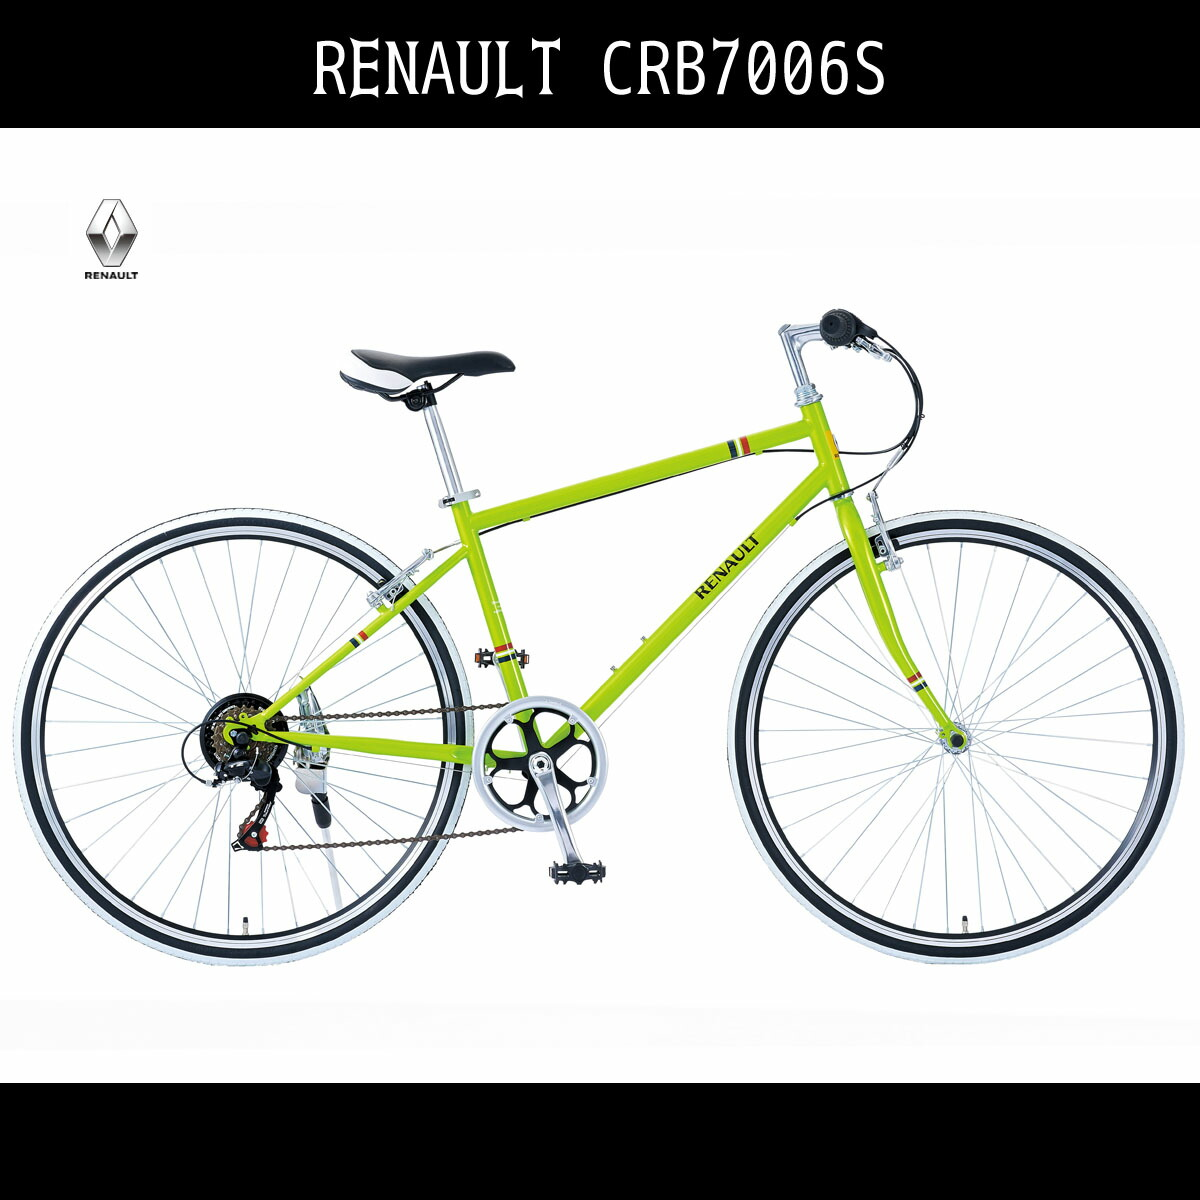 クロスバイク 自転車 ルノー RENAULT 自転車 グリーン/緑色700c クロスバイク 軽量 外装6段変速ギア付き CRB7006S ルノー 自転車